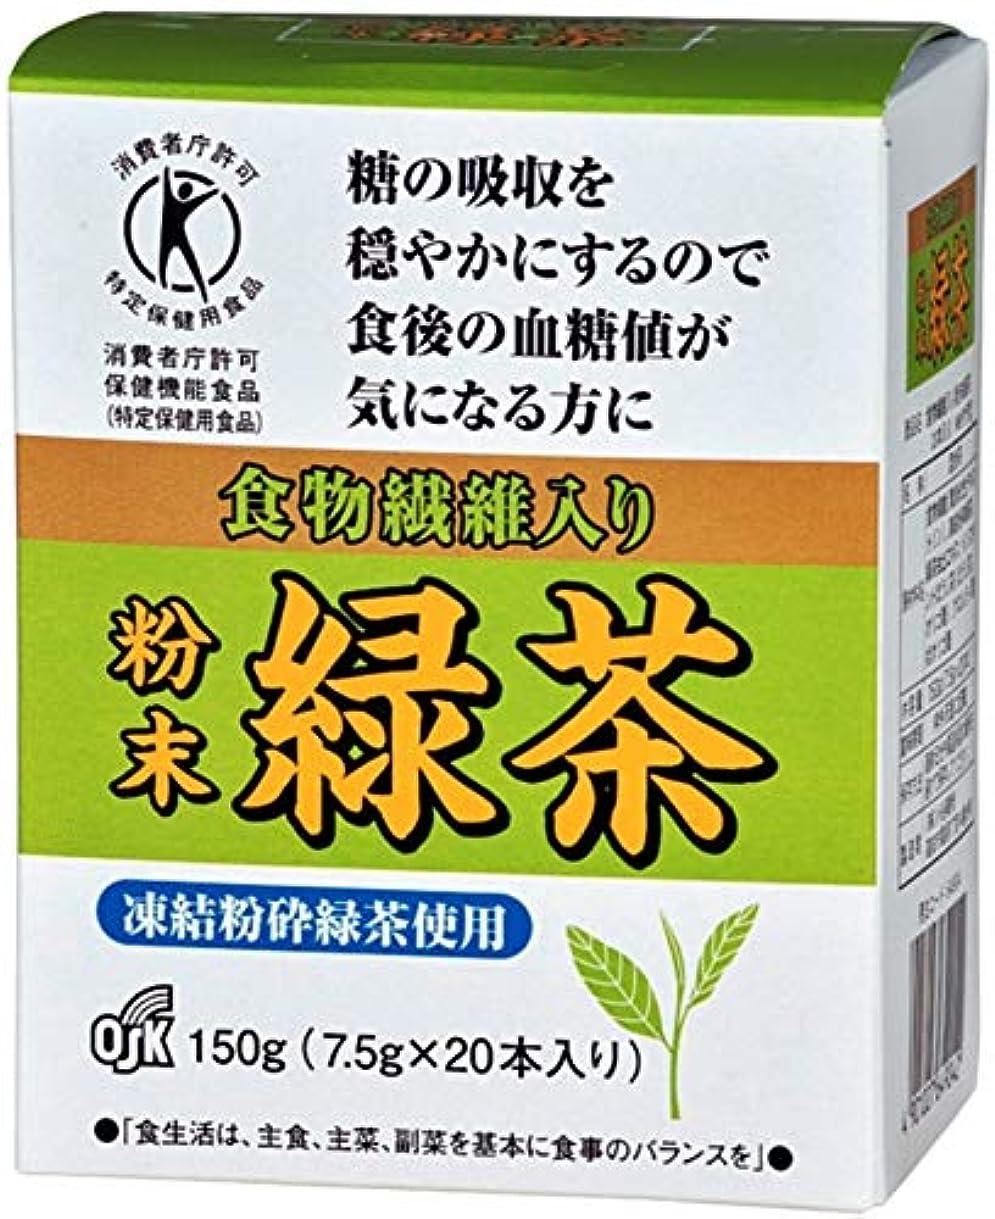 ビジョン墓マオリ[トクホ]OSK 食物繊維入り 粉末緑茶 7.5g×20本入り